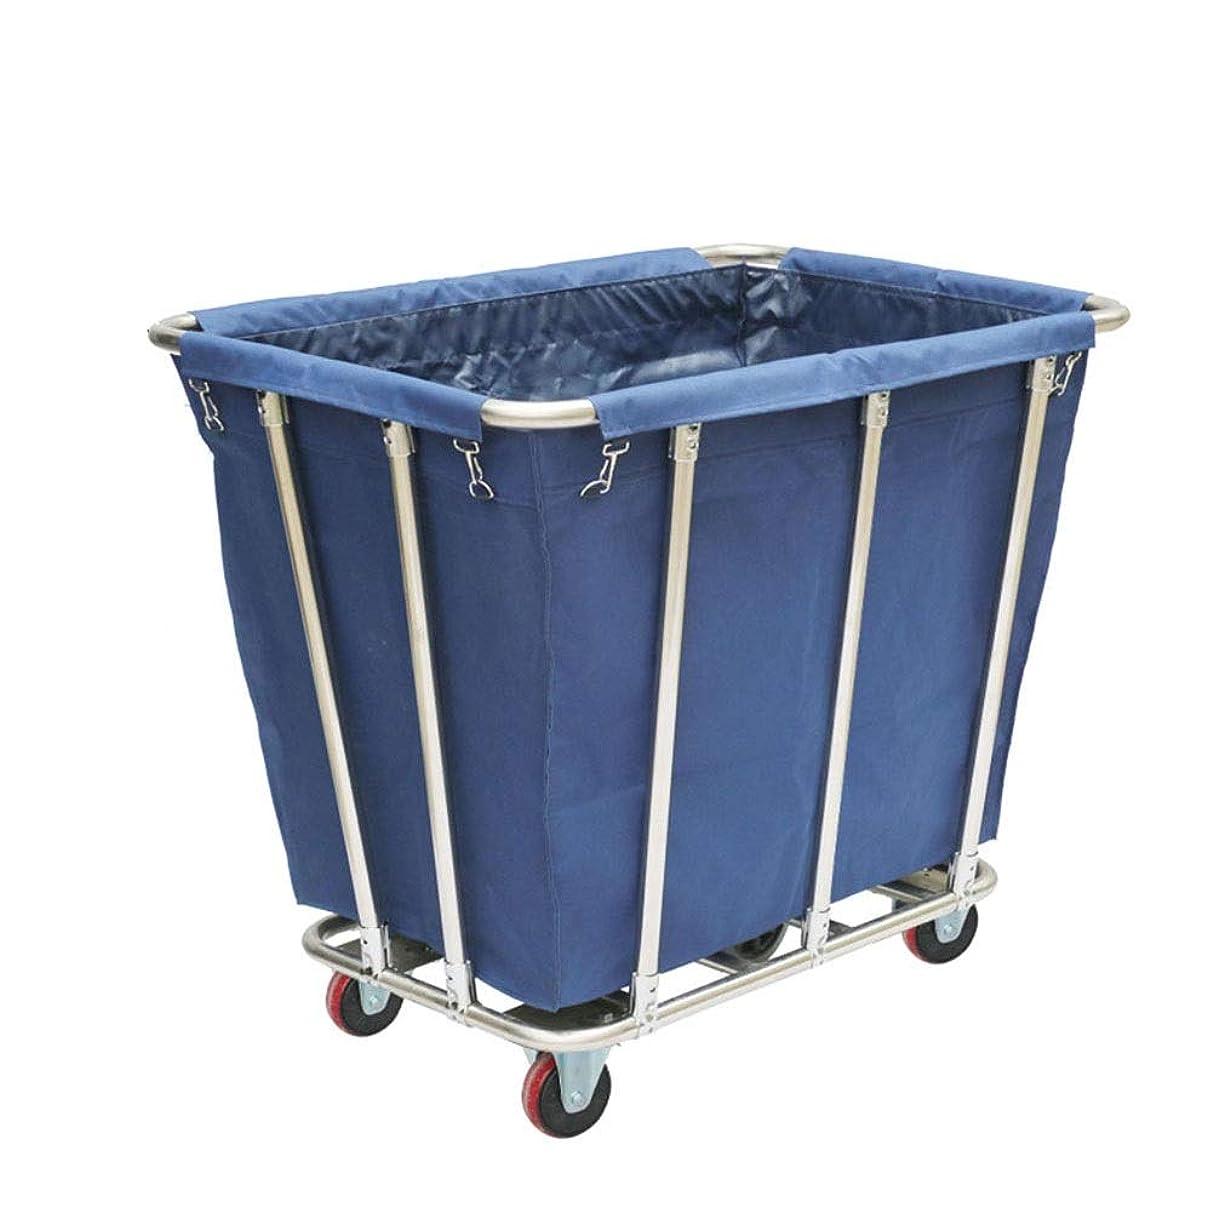 韓国語浴室機動車輪のホテルの頑丈な圧延の洗濯の選別機のカート、取り外し可能な袋が付いているホテルのサービングのトロリー、青/茶色 (Color : Blue)